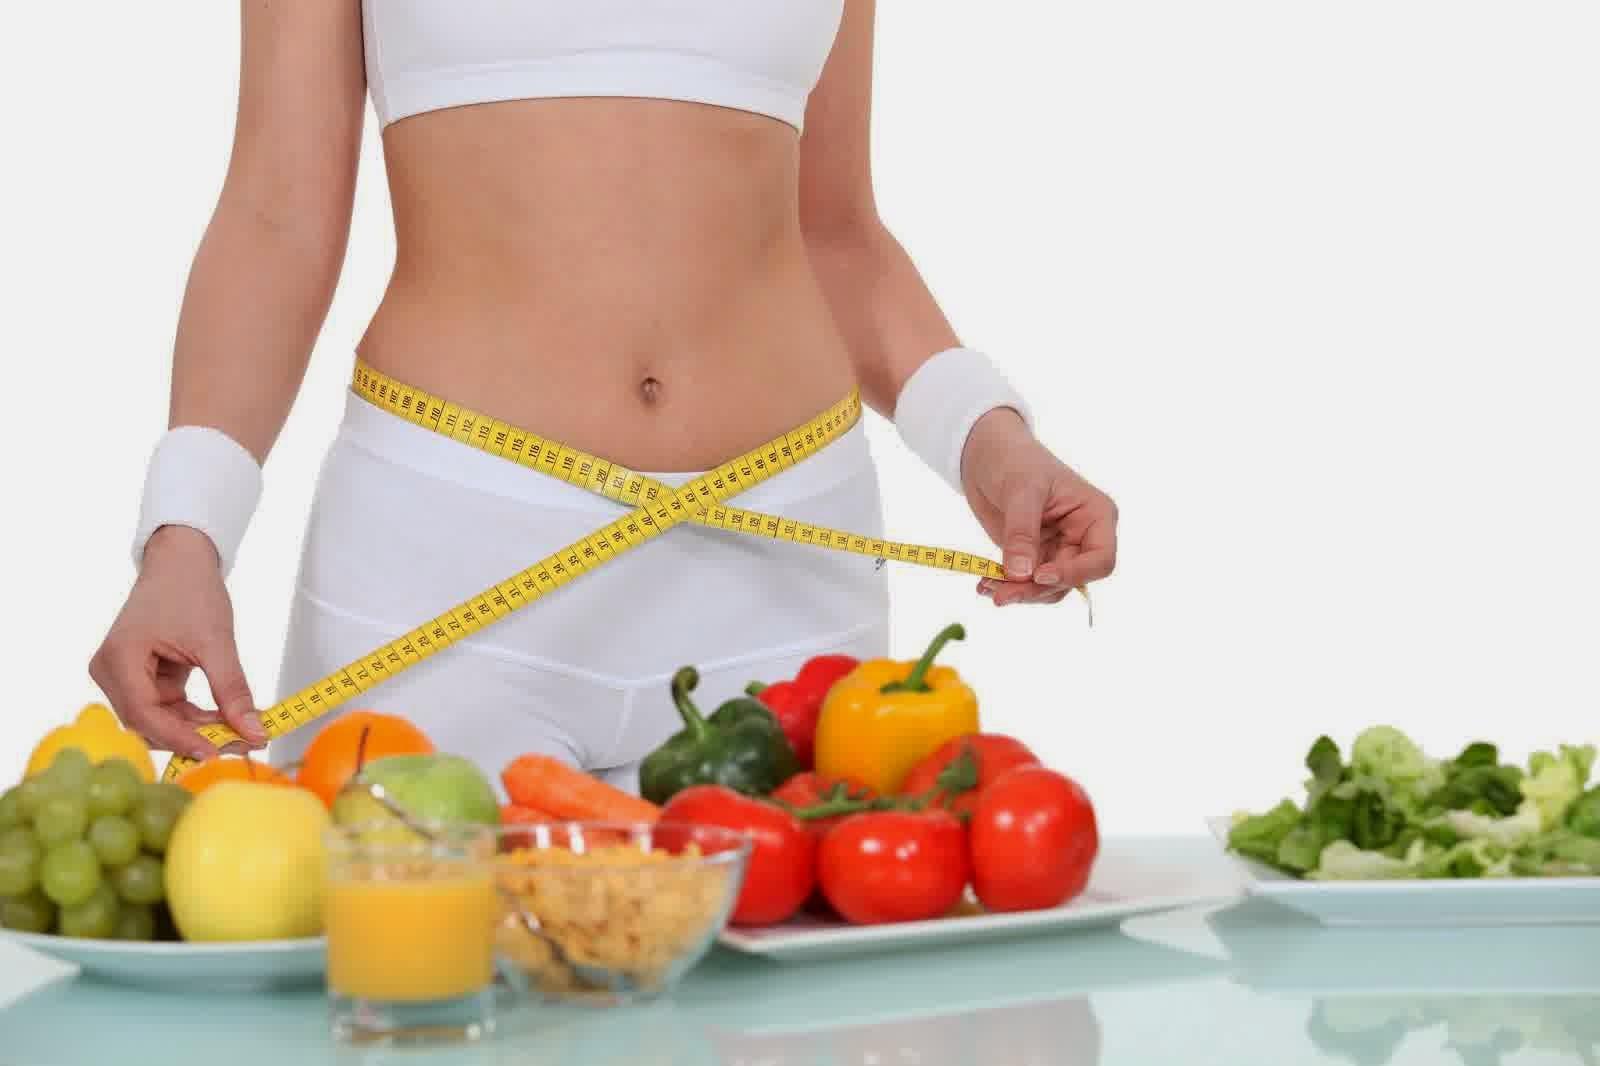 Dieta mediterranea legata alla riduzione del rischio di diabete di tipo 2